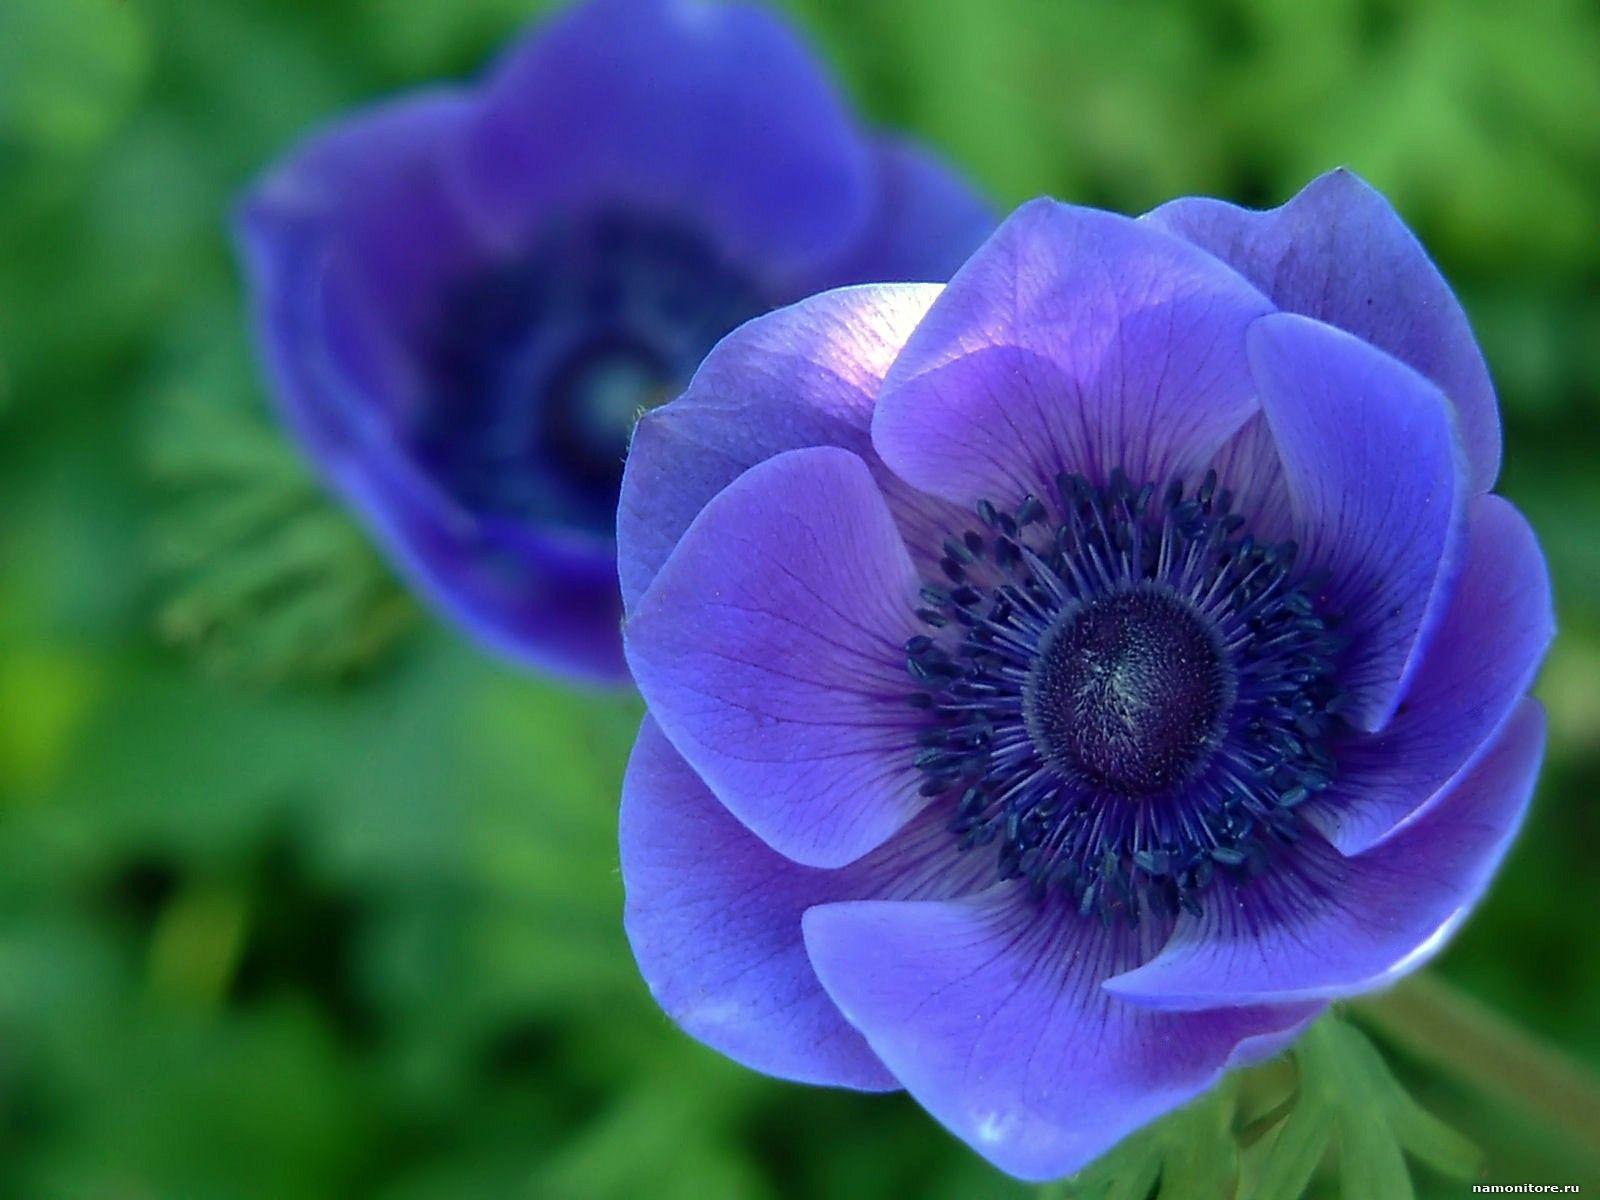 Image detail for Blue flowers, dark blue, flowers, violet